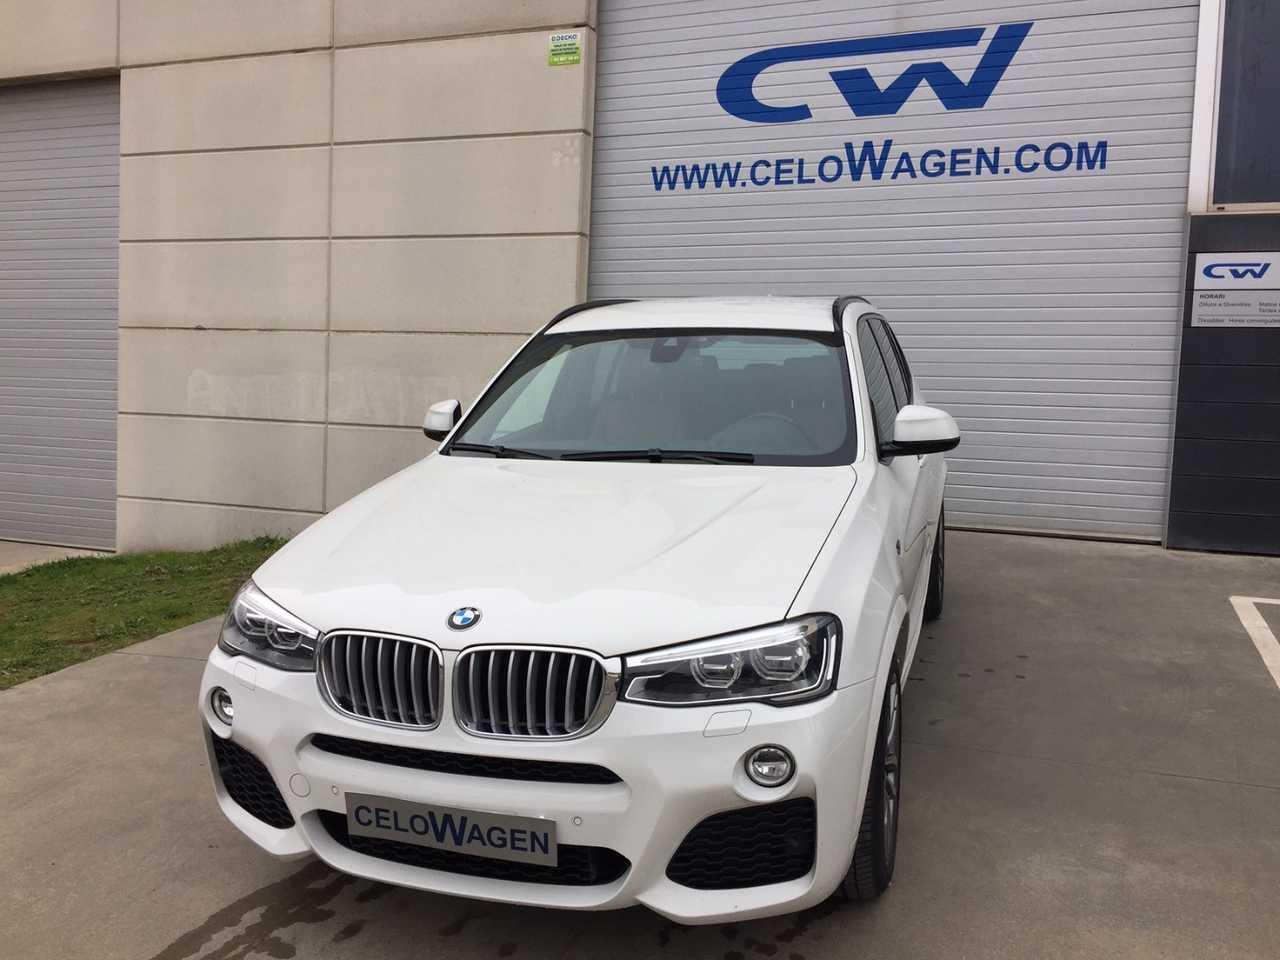 BMW X3 XDRIVE35d 5p.   - Foto 1